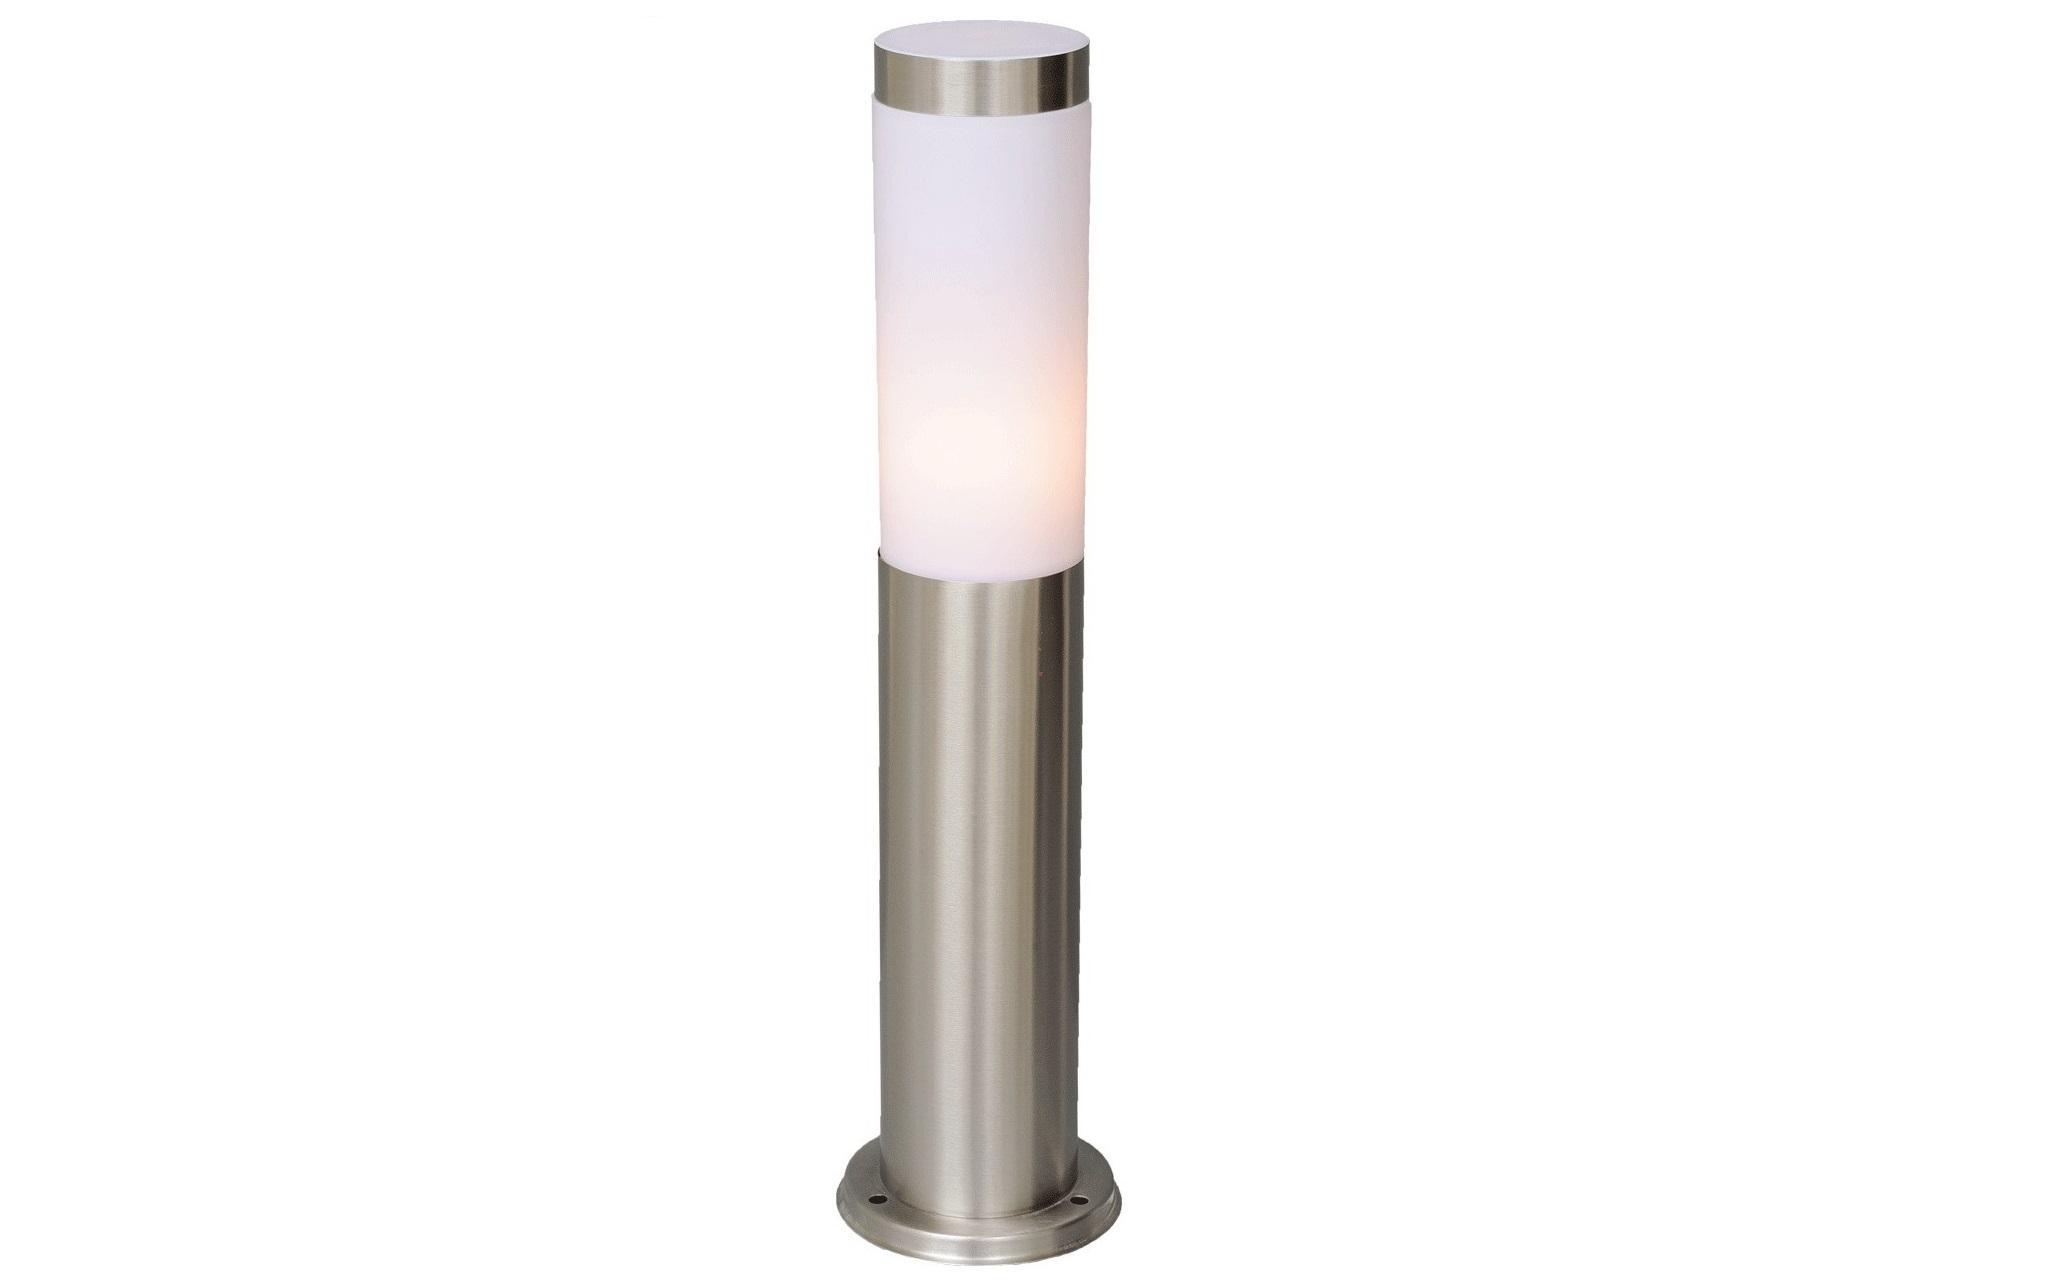 Уличный светильник ПлутонУличные наземные светильники<br>Основание &amp;nbsp;из стали, плафоны из матового акрила.Мощность 1*40WЦоколь &amp;nbsp;E27Рабочее напряжение 220 V&amp;nbsp;Степень защиты светильников от пыли и влаги IP 44<br><br>kit: None<br>gender: None